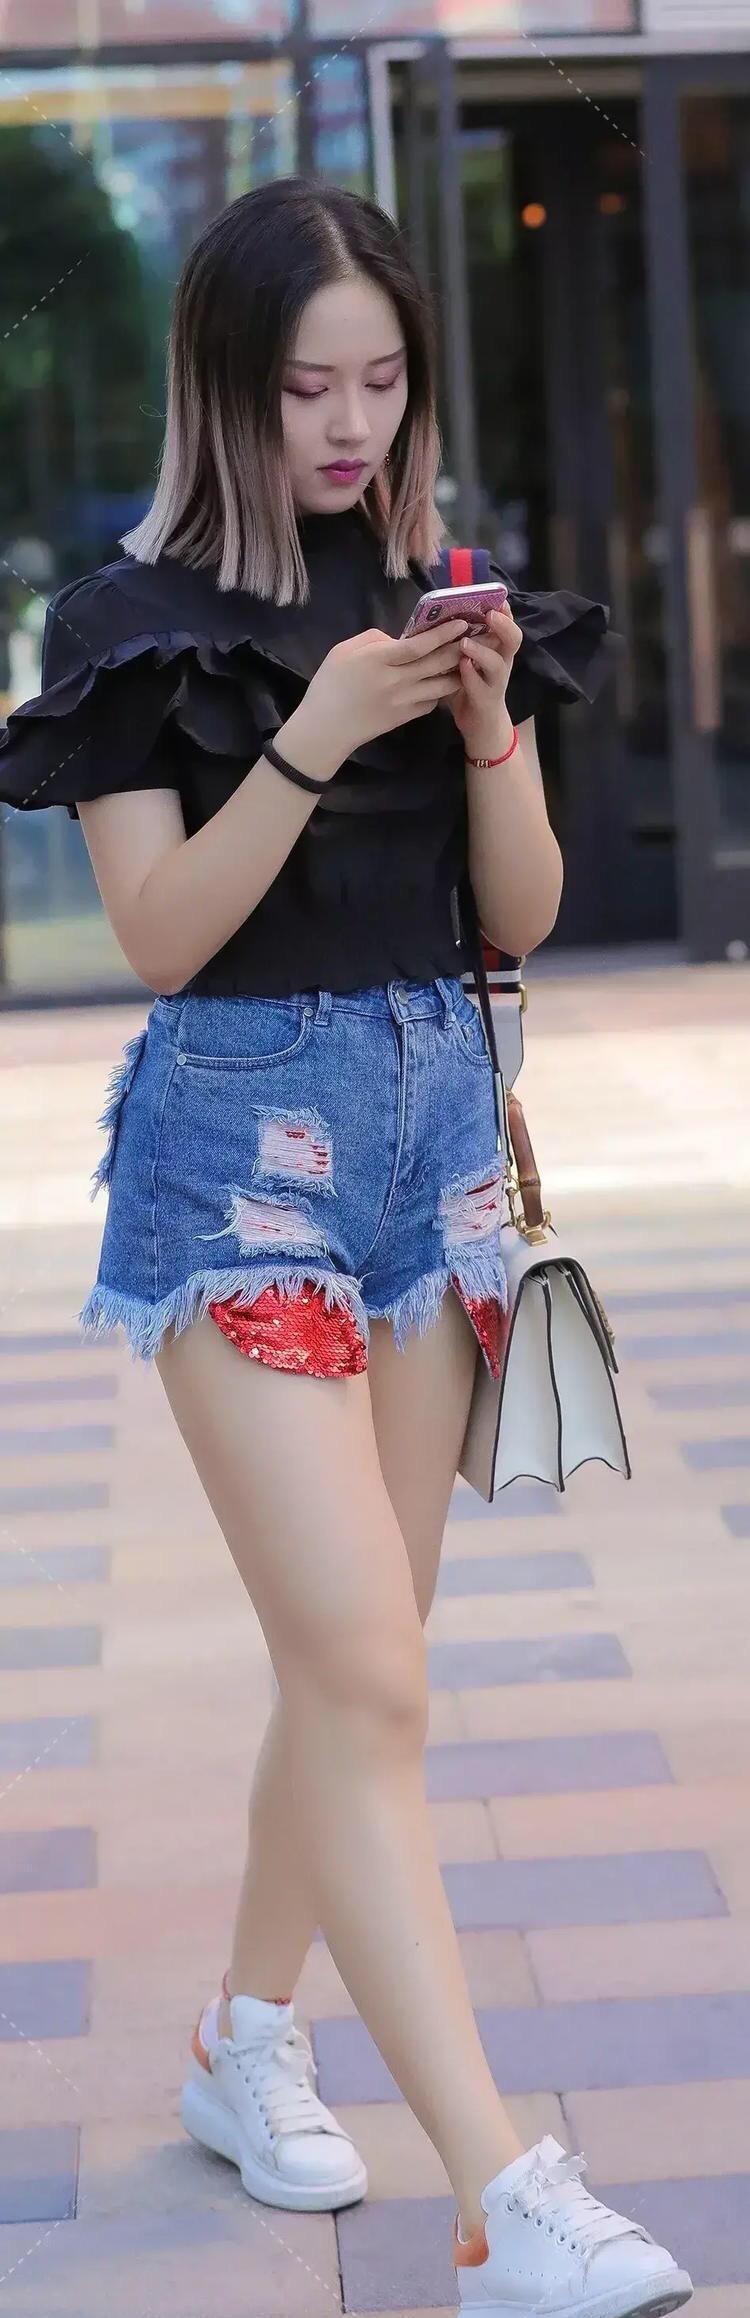 泡泡袖上衣搭配牛仔短裤,端庄典雅有魅力,时尚少女感十足!